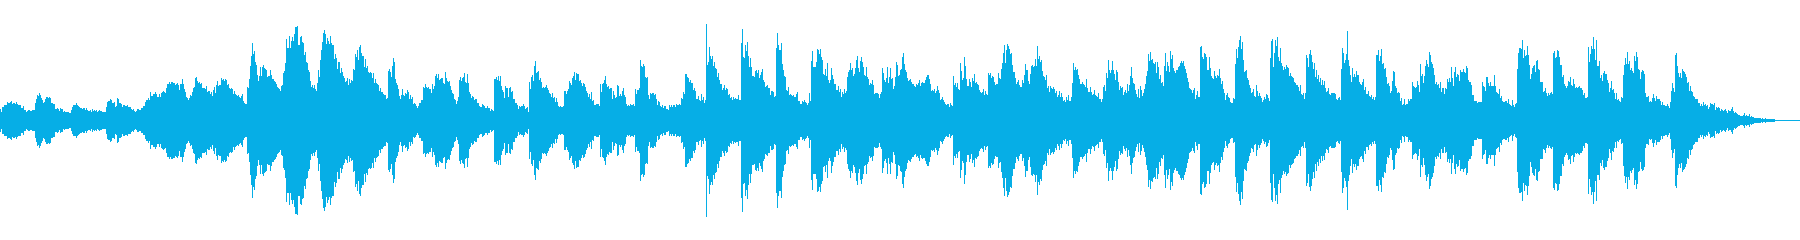 恐怖ホラー・サスペンス現代音楽風ピアノ曲の再生済みの波形